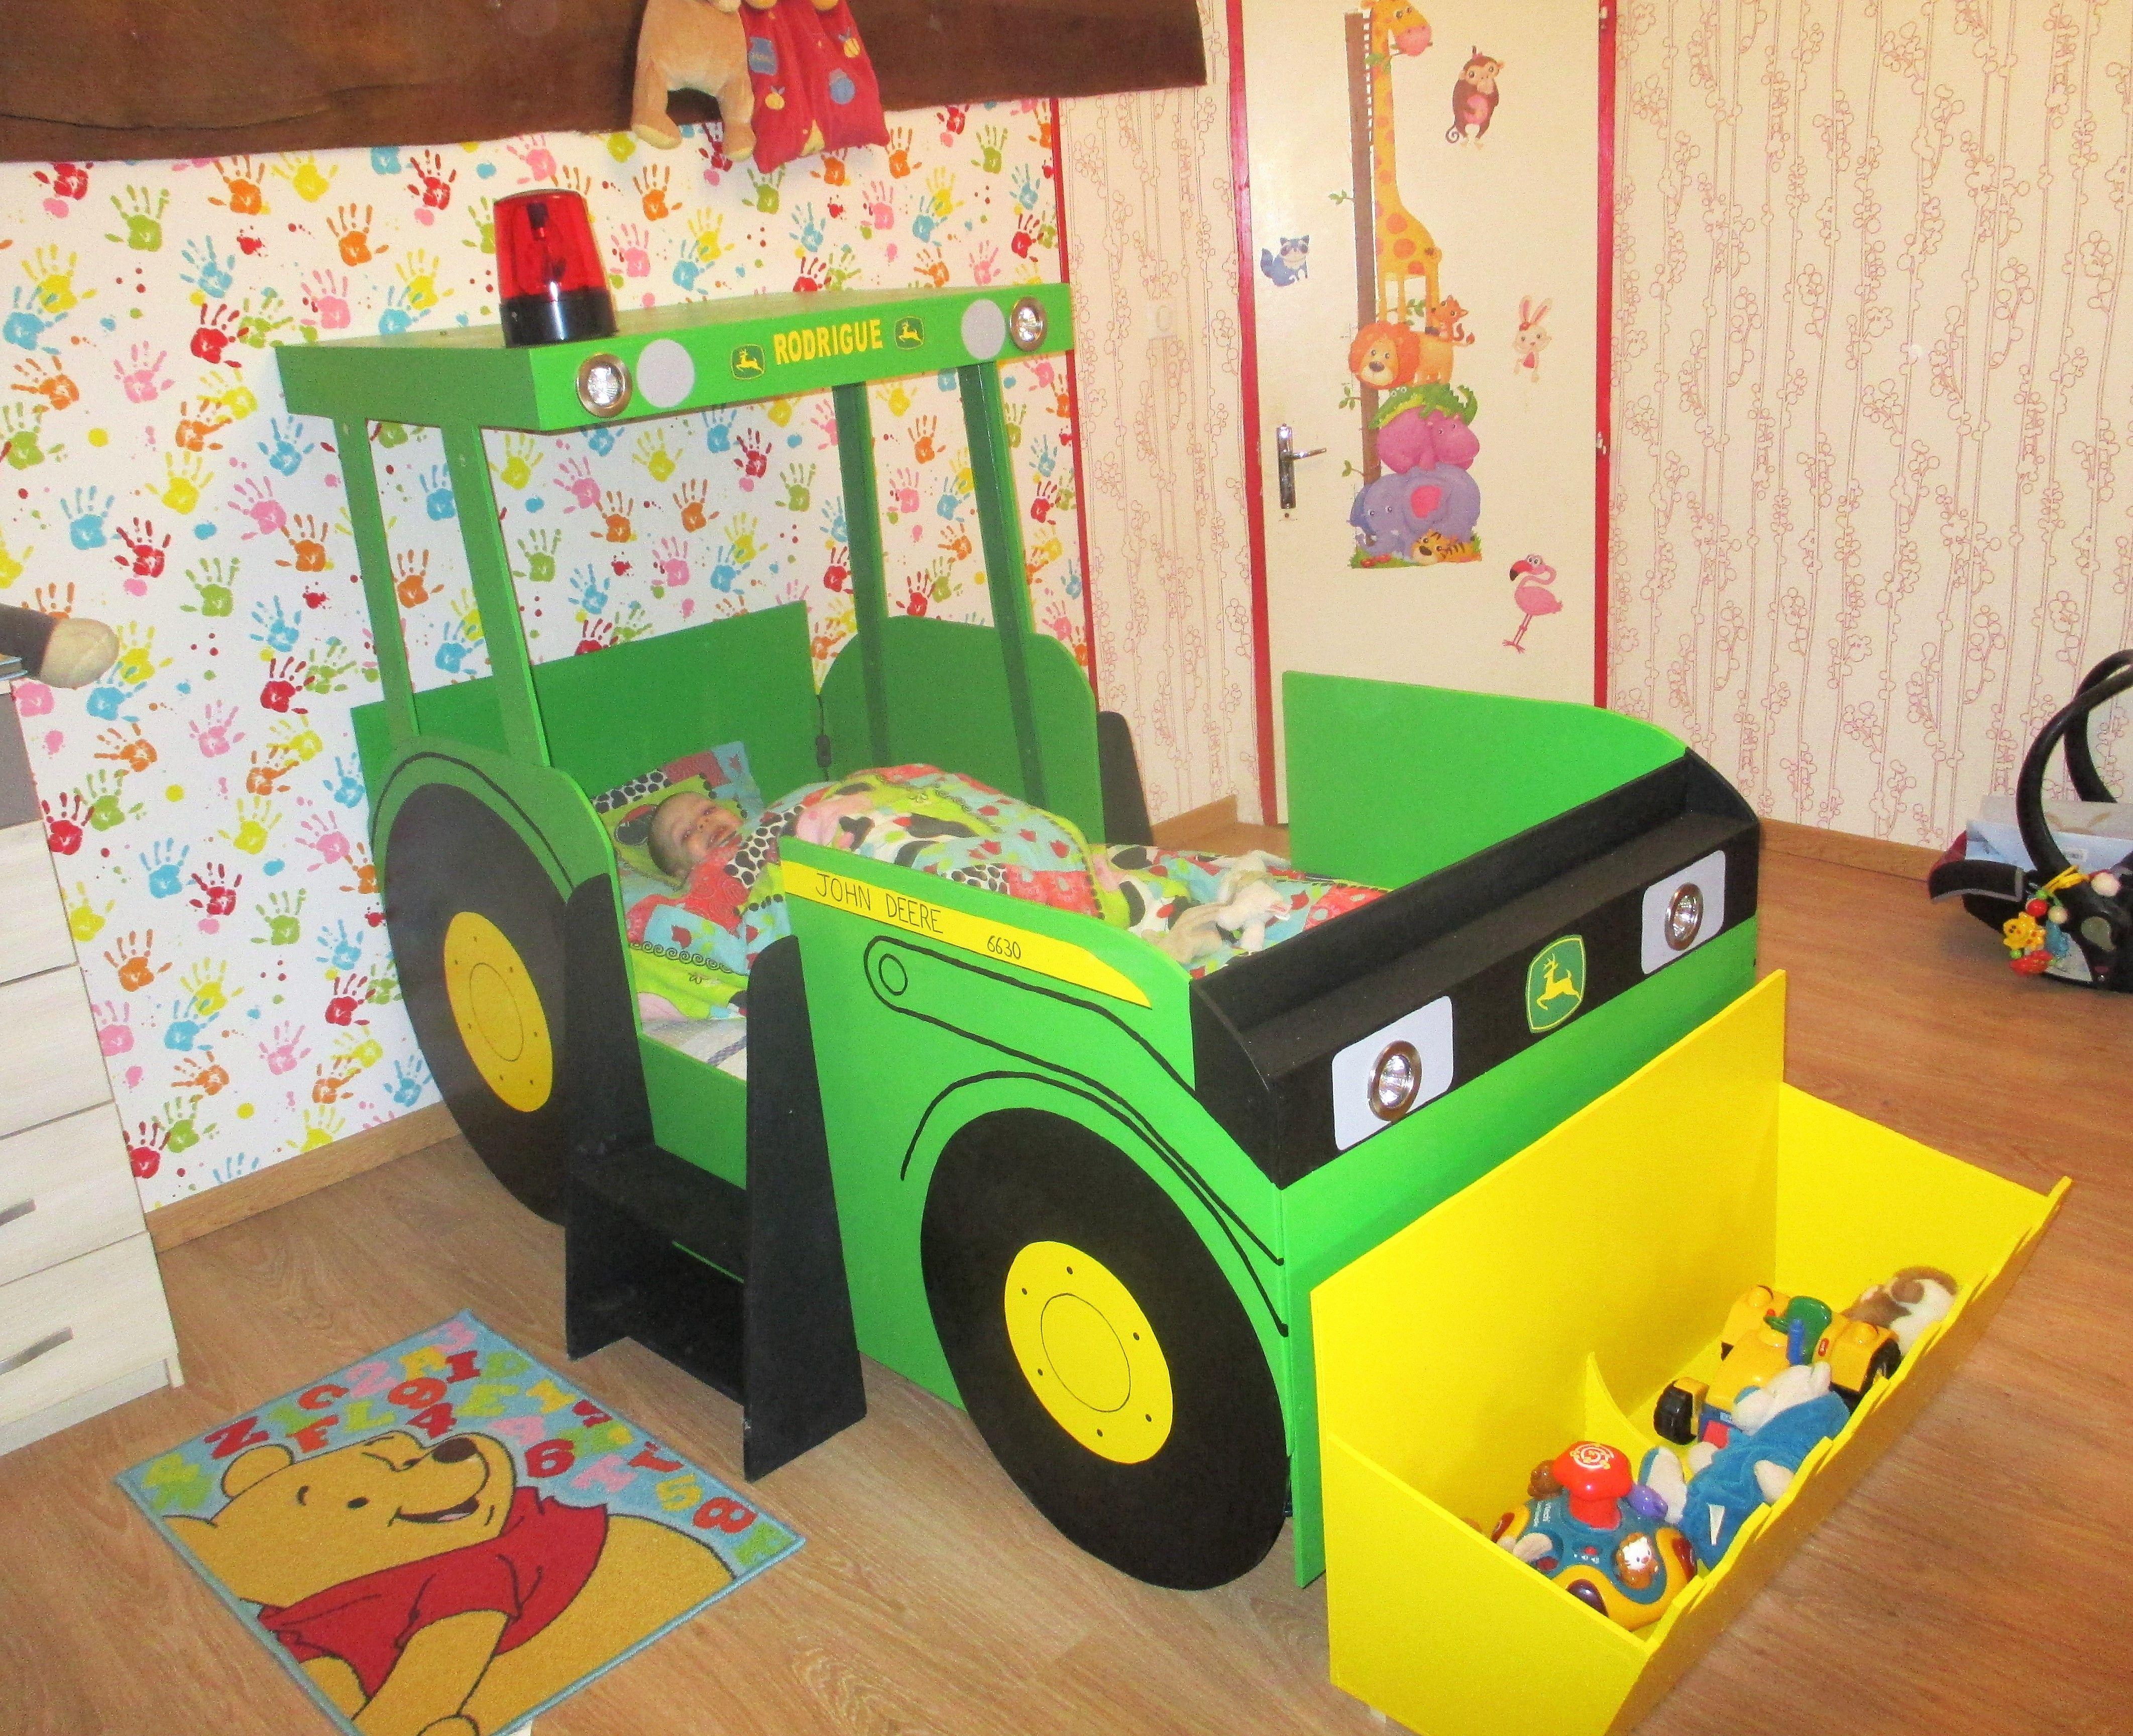 tracteur john deere tractor bed tractors child room beds bedrooms - Tracteur John Deere Enfant